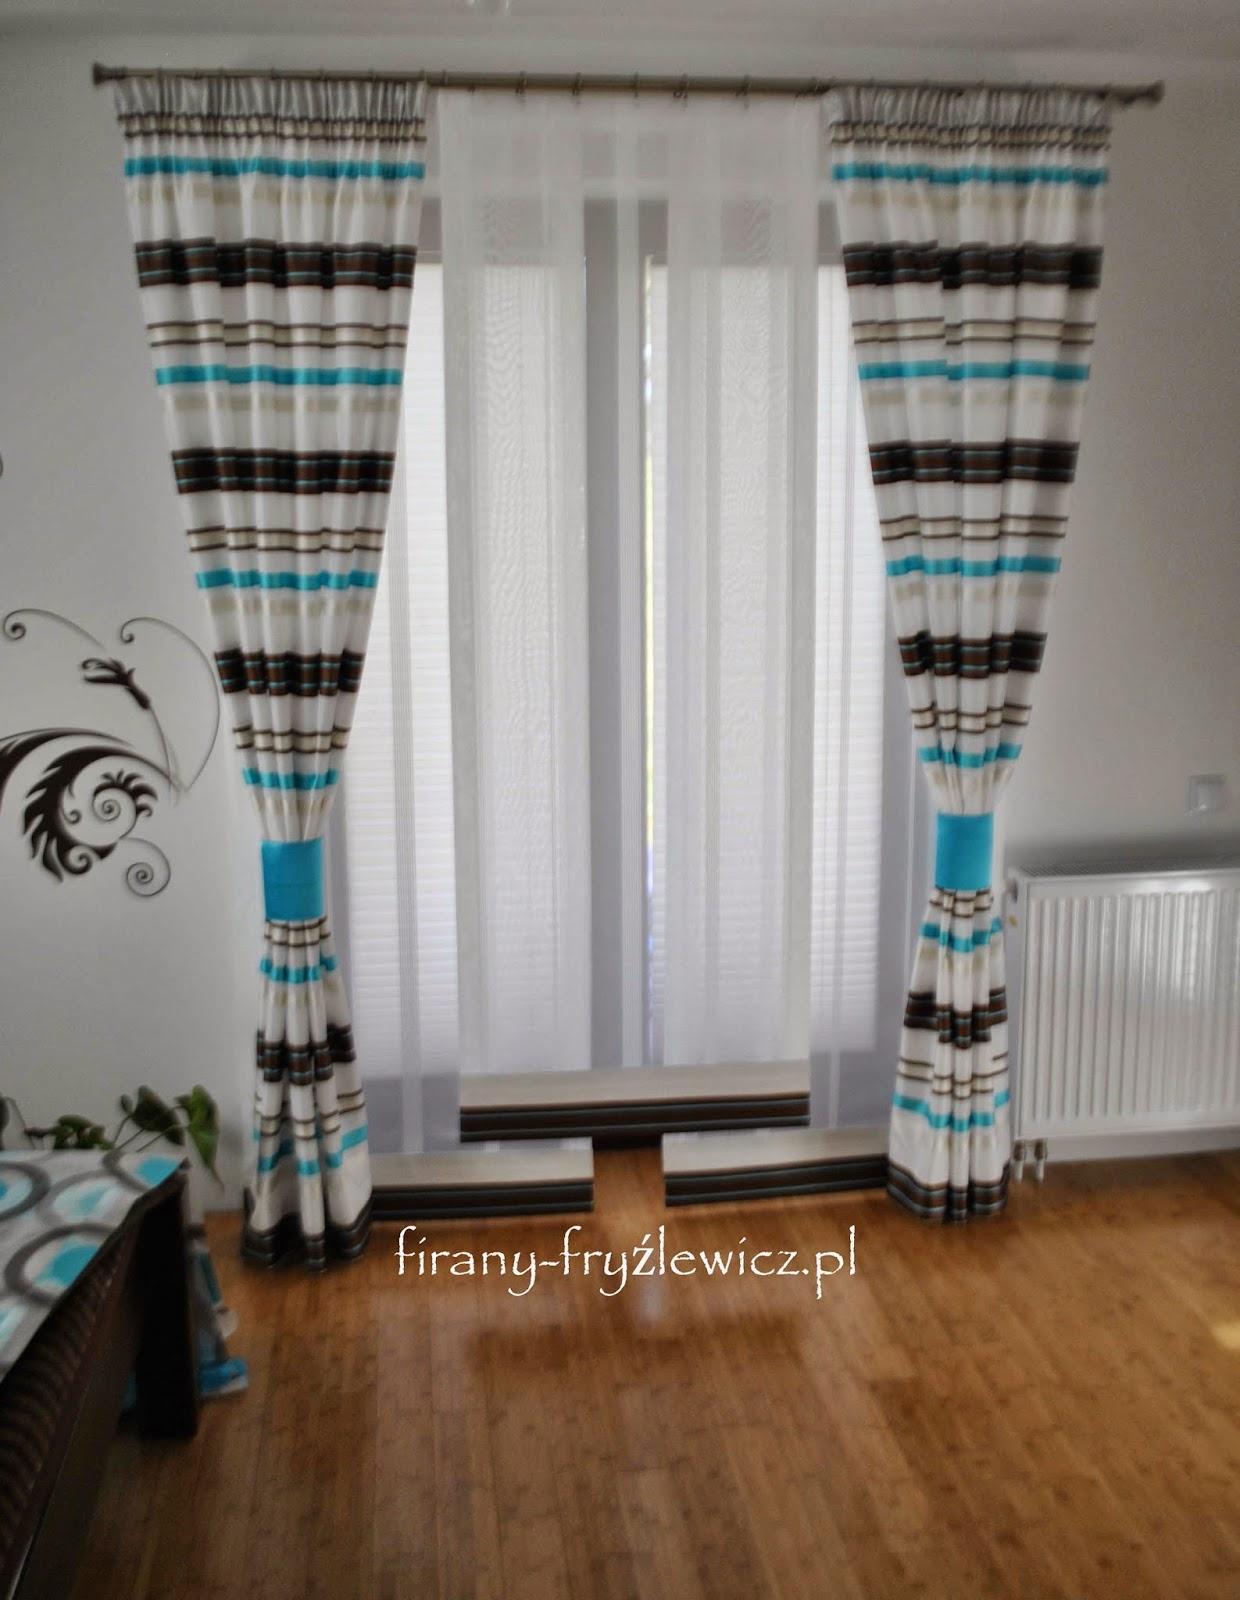 firany fryźlewicz dekoracja drzwi balkonowych